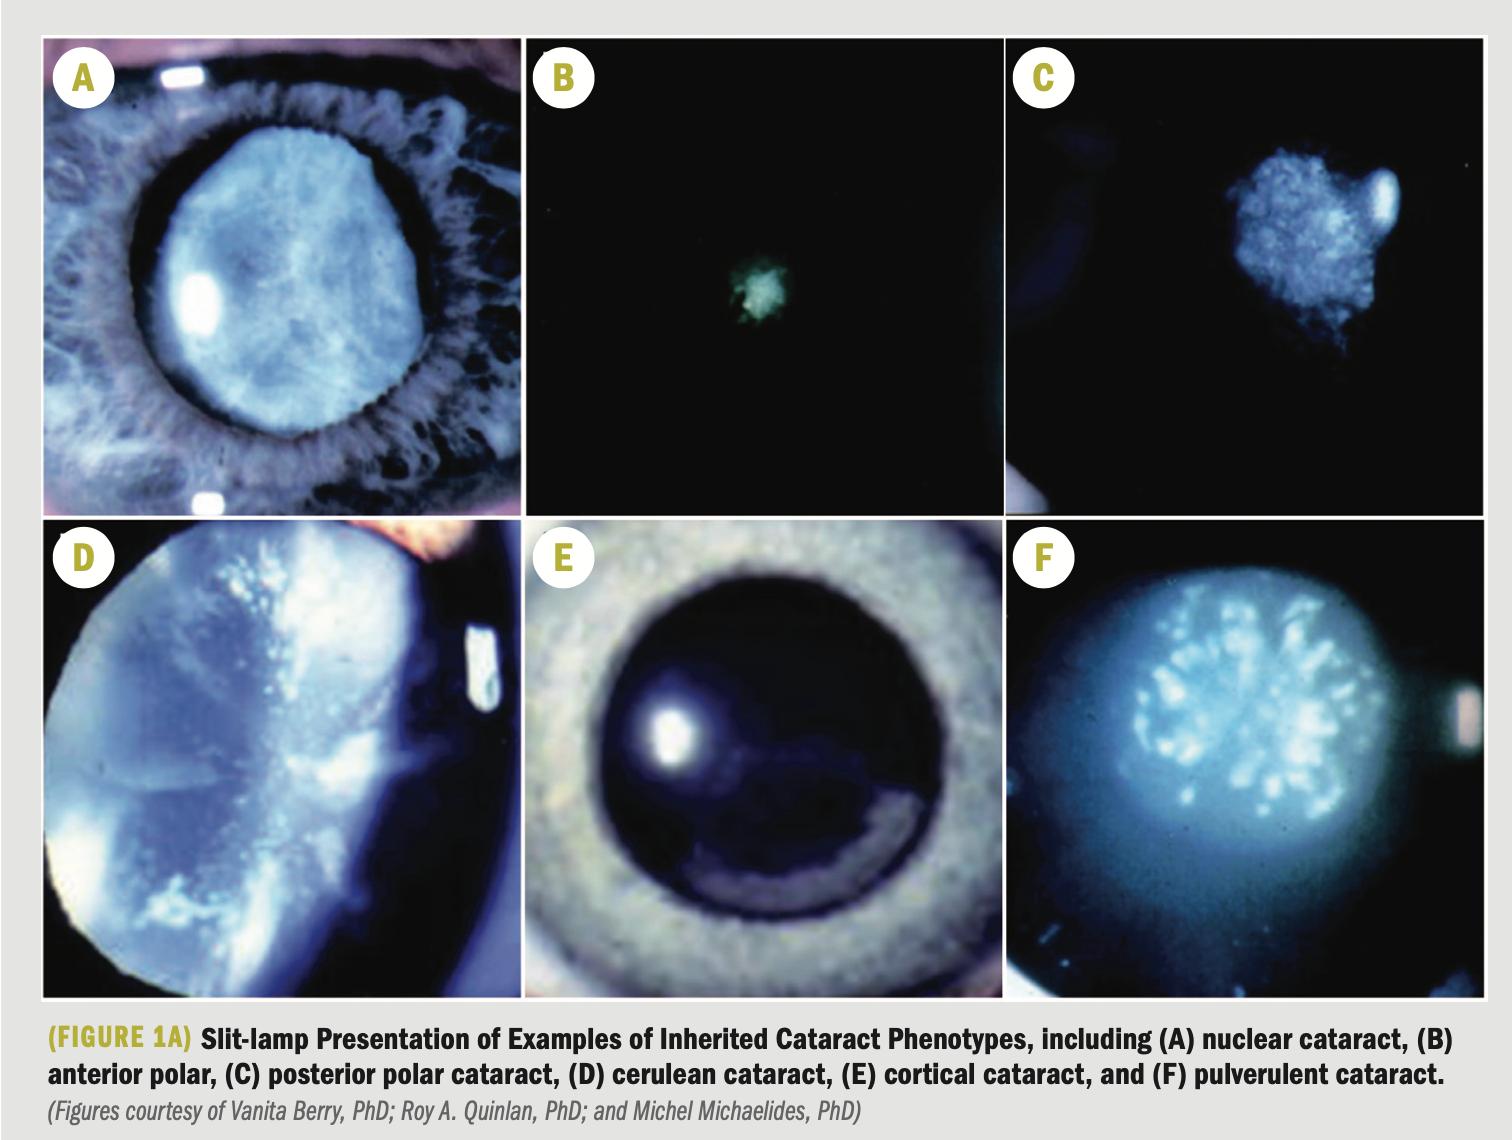 Focus on molecular mechanisms underlying cataract development